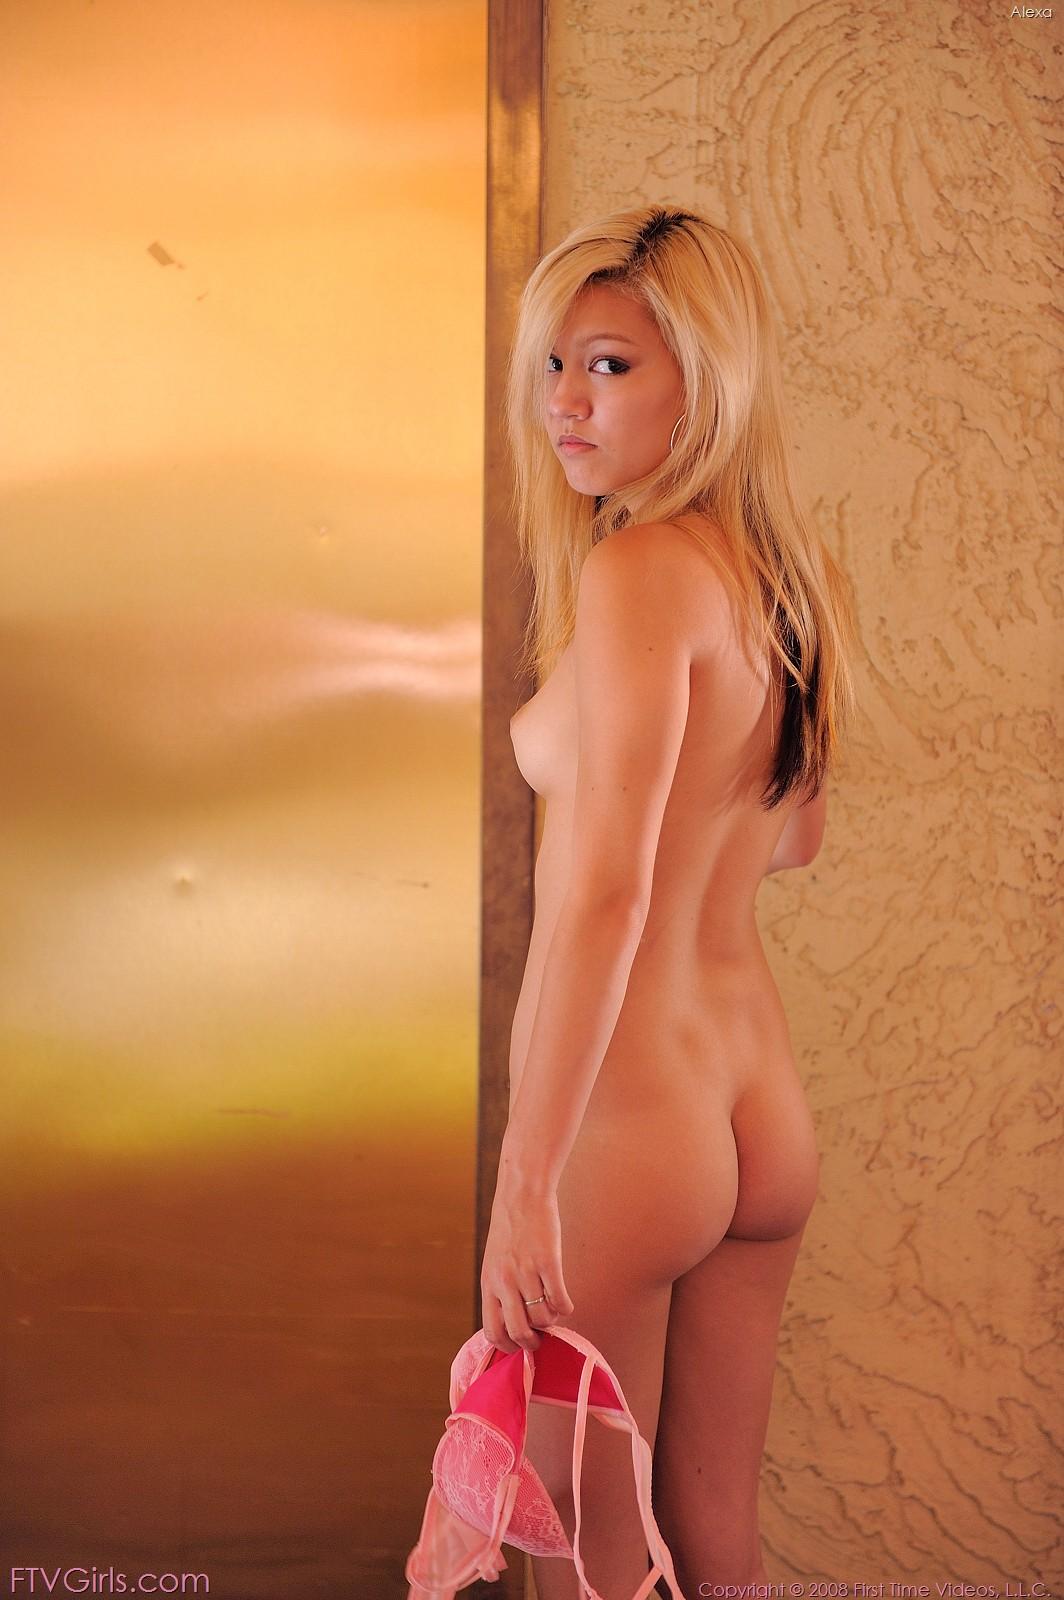 Nude Soccer Fans